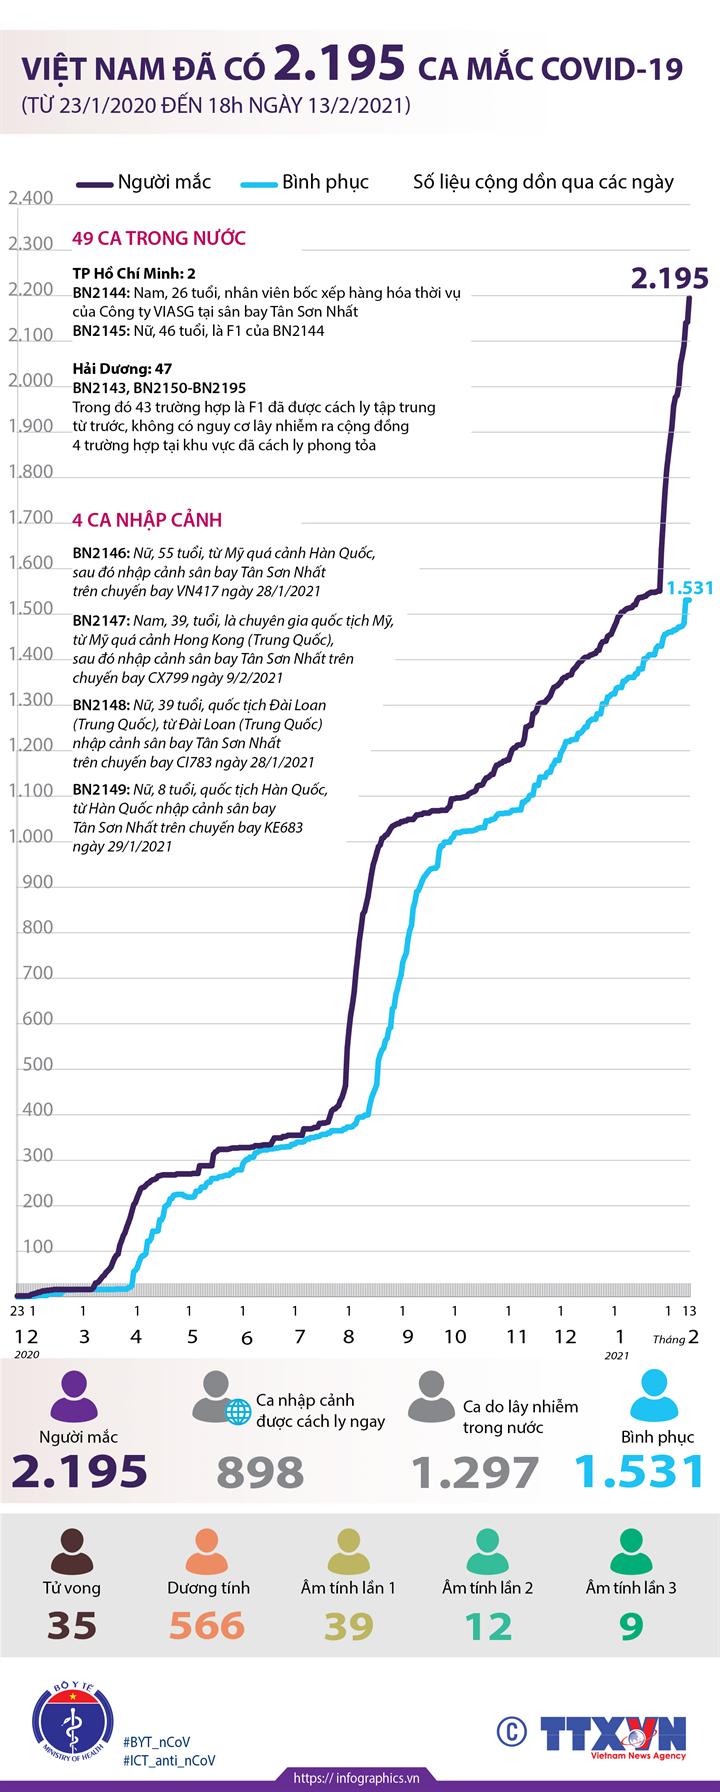 Việt Nam đã có 2.195 ca mắc COVID-19 (từ 23/1/2020 đến 18h ngày 13/2/2021)